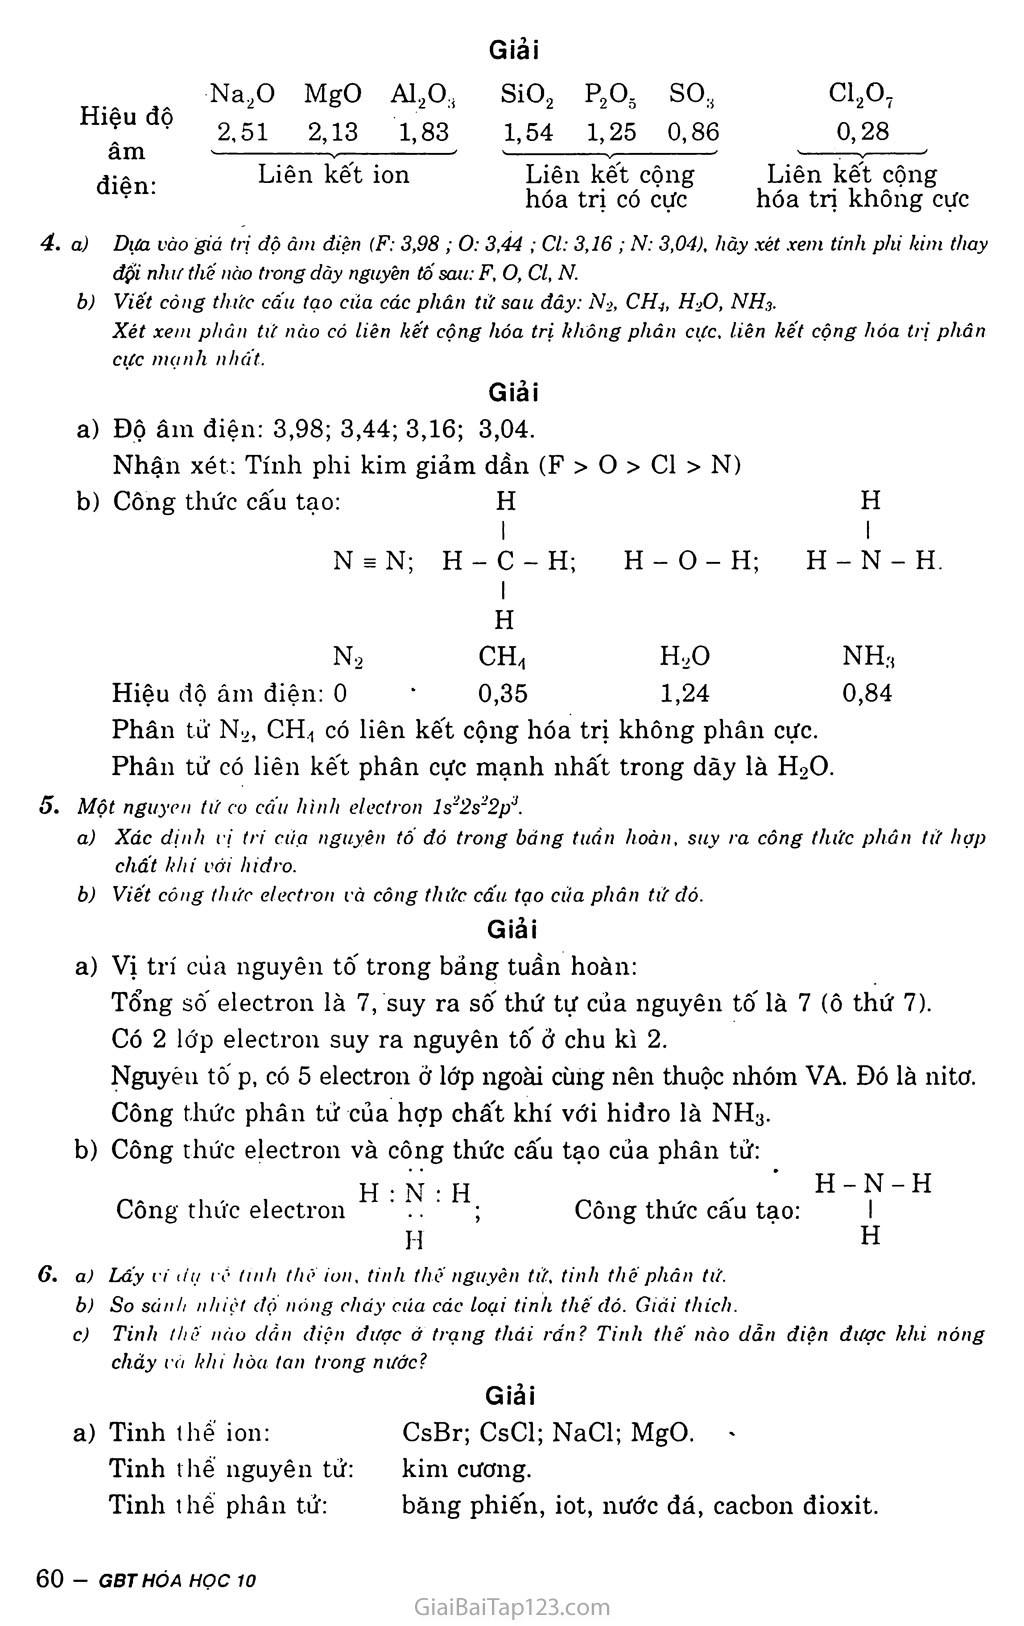 Bài 16: Luyên tập - Liên kết hóa học trang 3